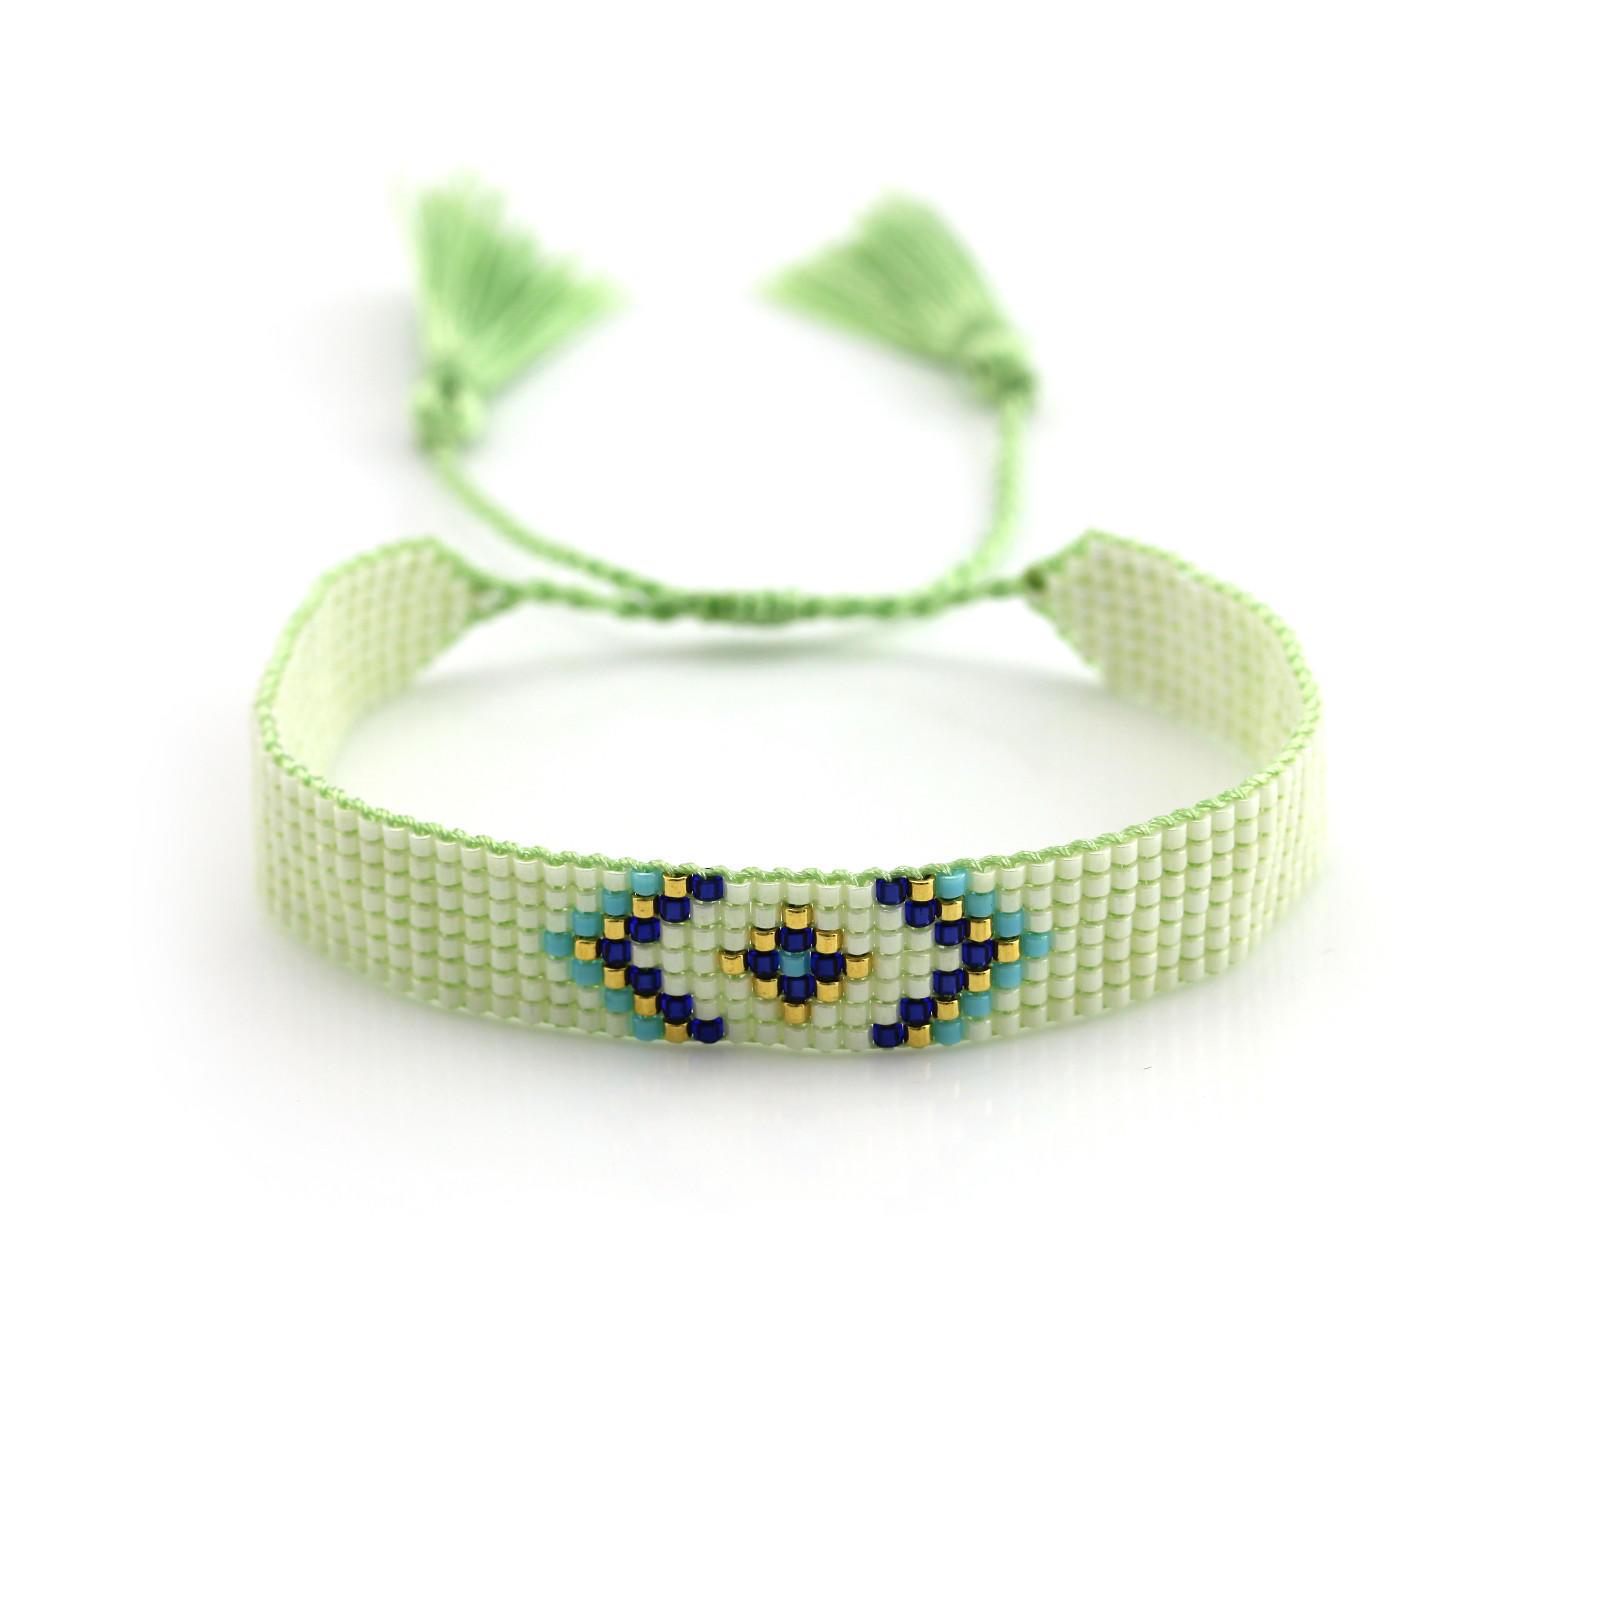 TTT Jewelry Brand clasp bracelet bracelet miyuki miyuki tassel